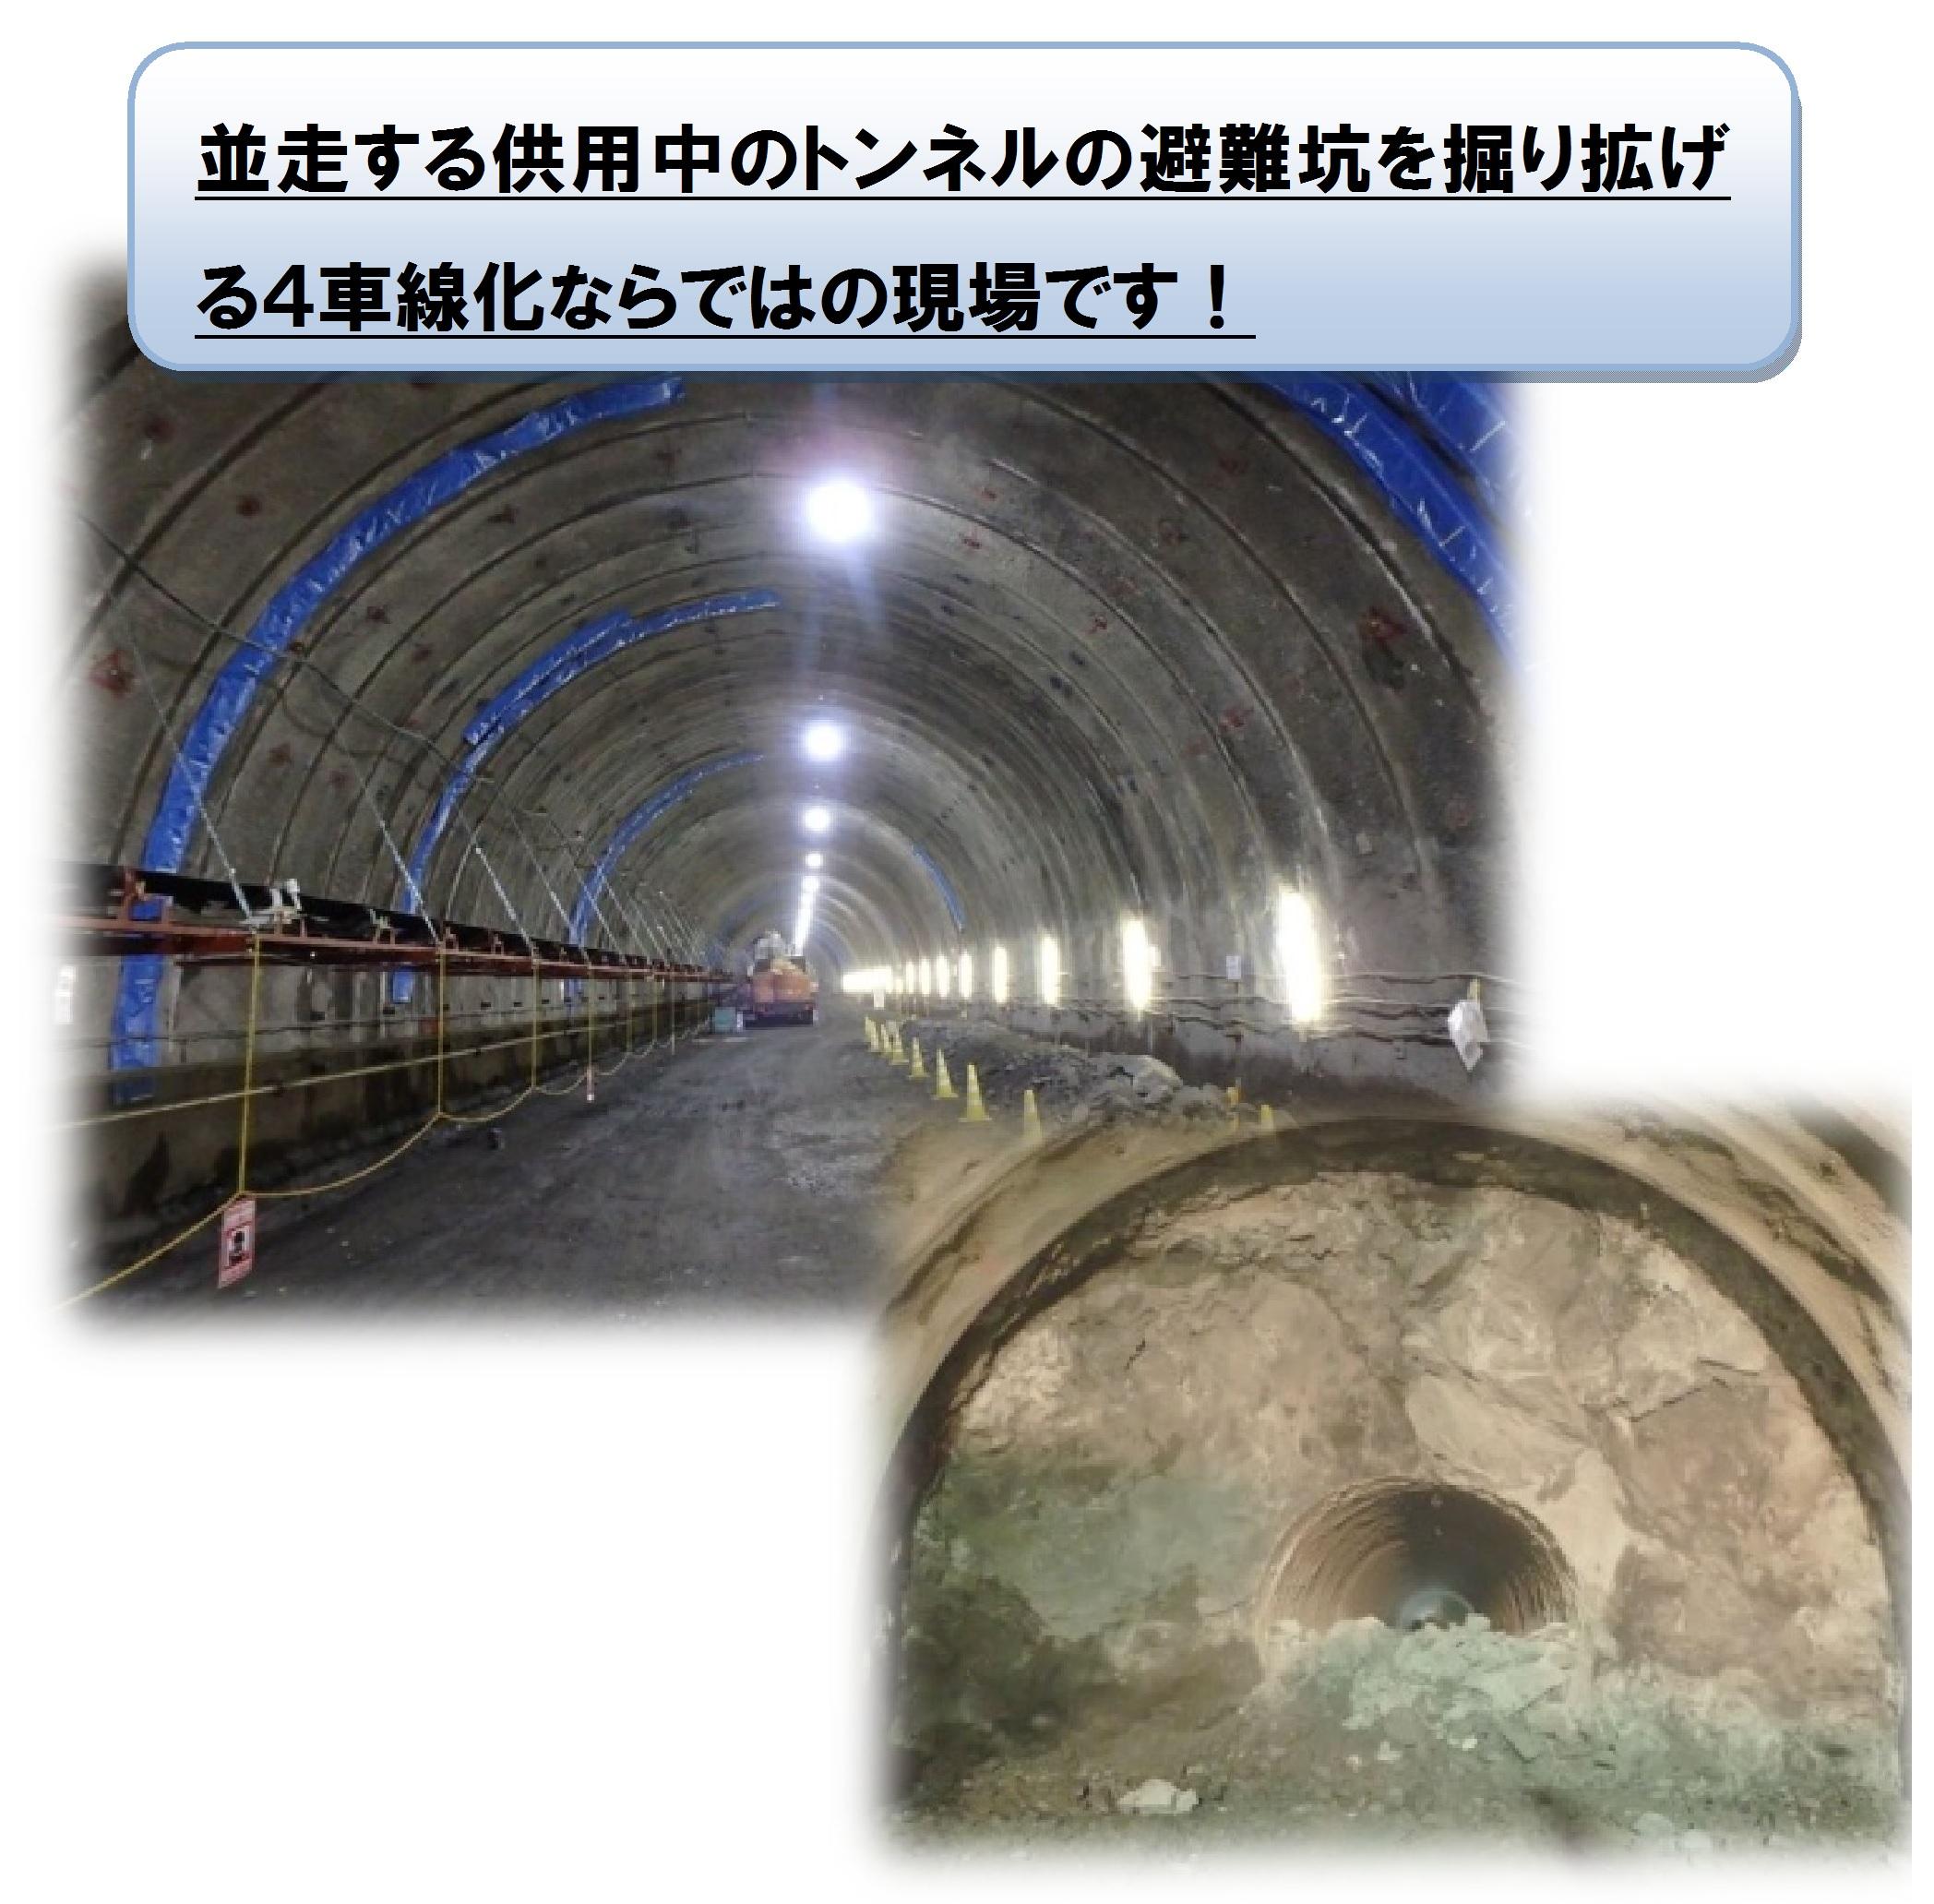 川辺第一トンネルの実際の現場